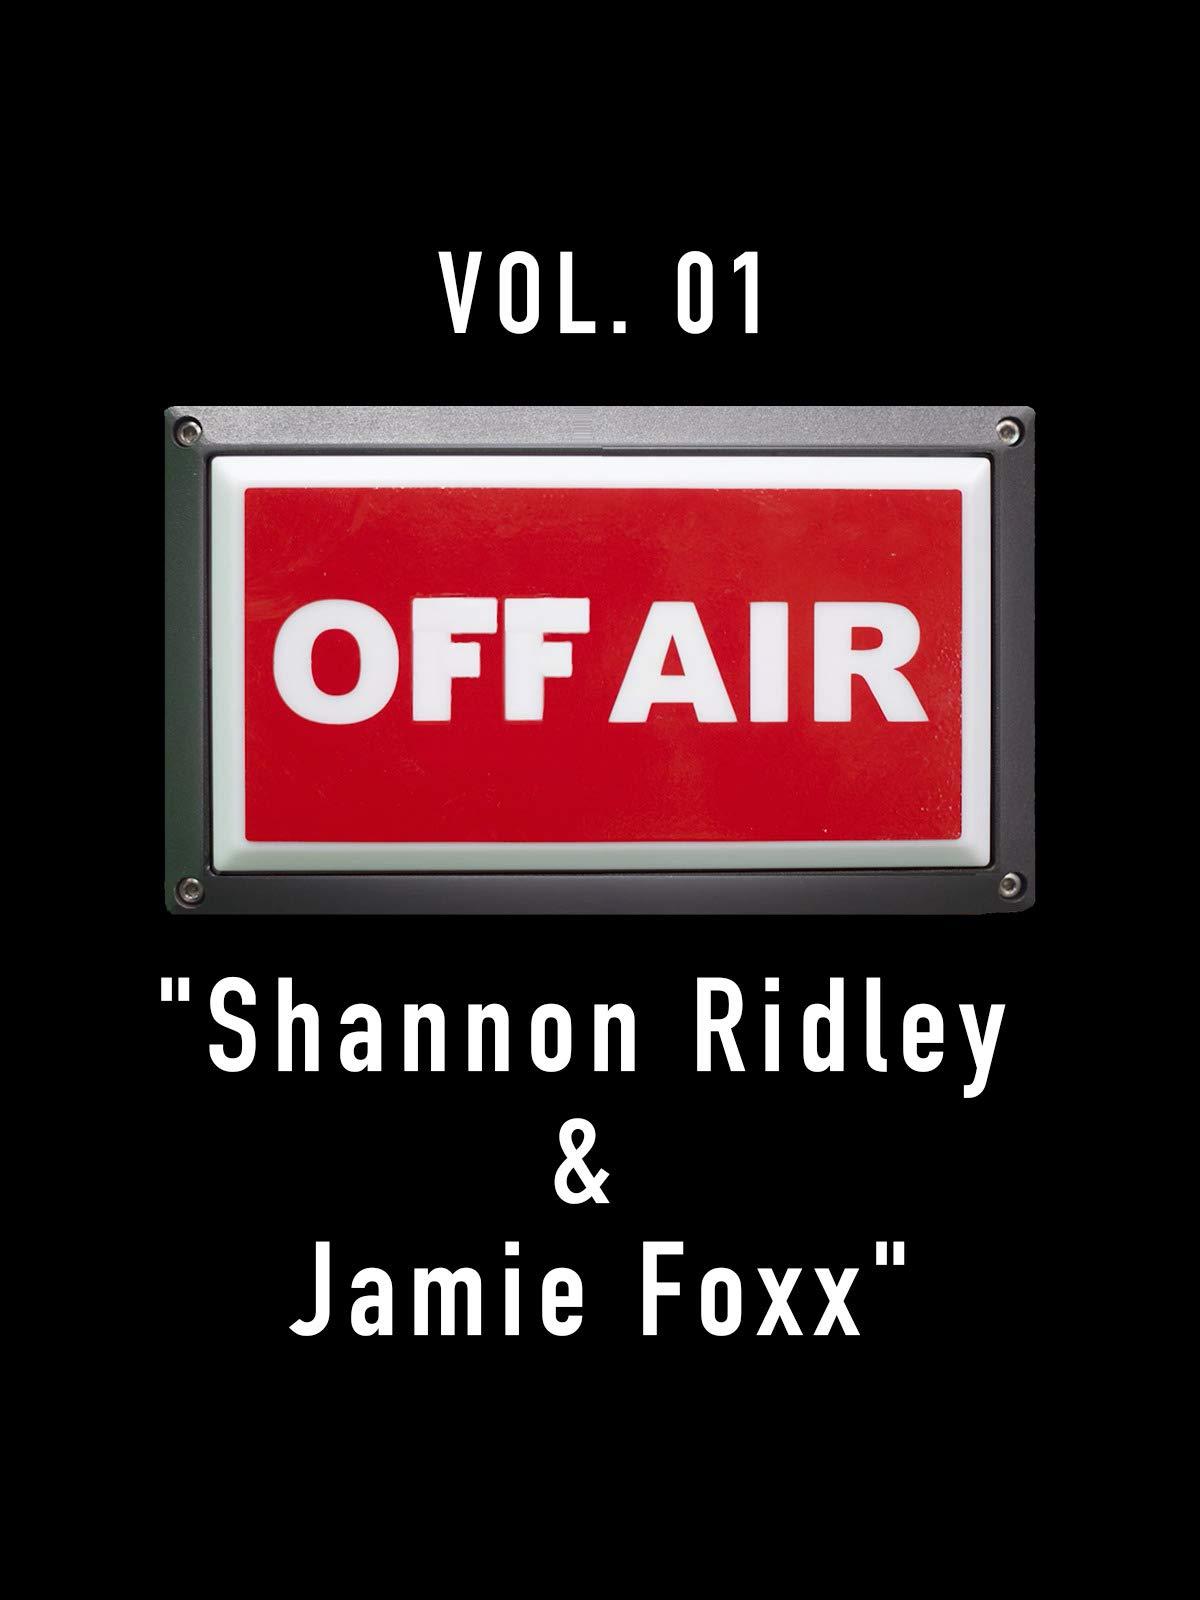 Off-Air Vol. 01